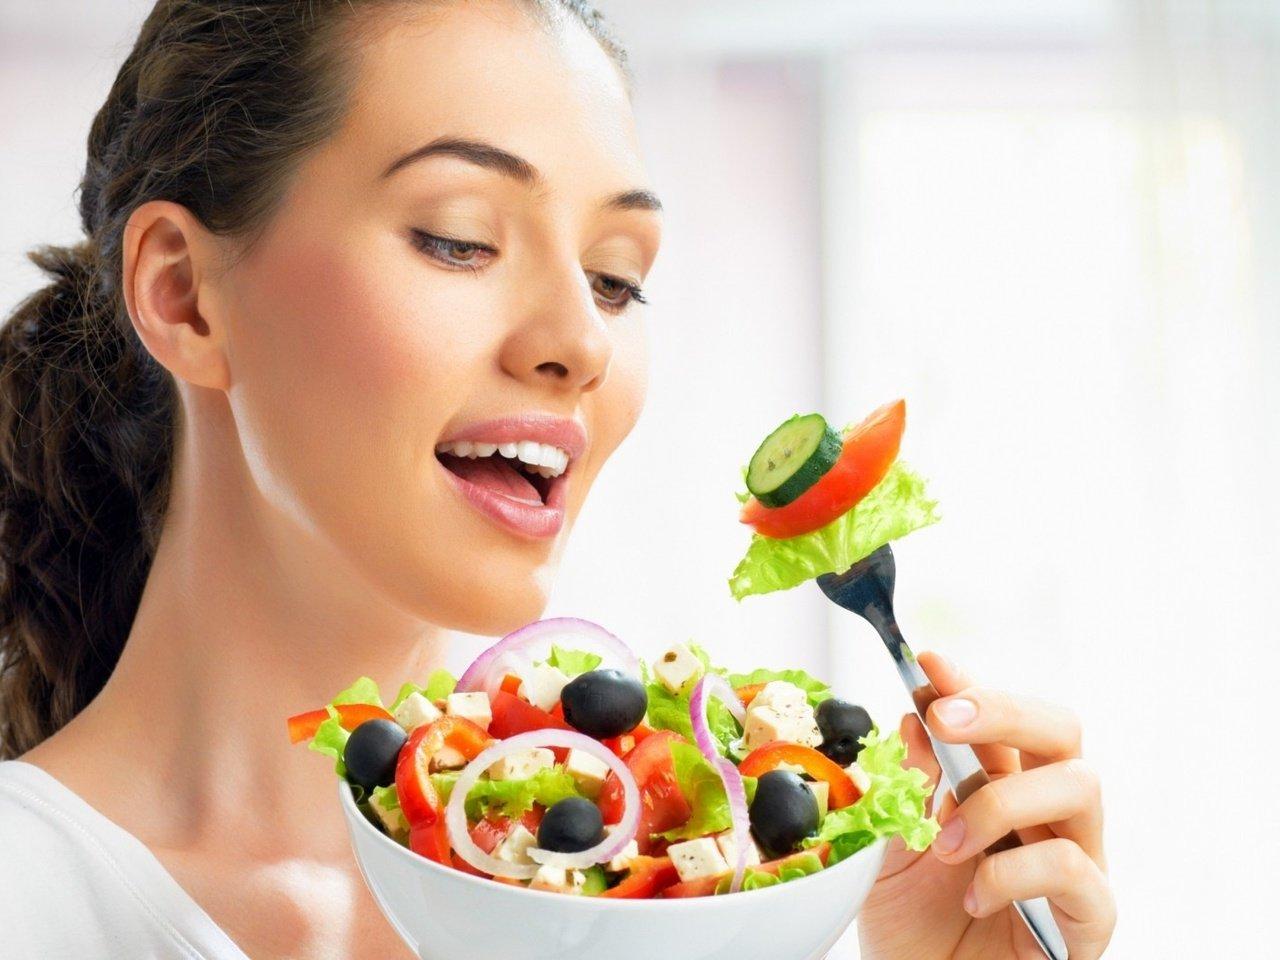 Питание Чтобы Похудеть Лицом. Лучшие упражнения для похудения и стройности лица, щек и подбородка за 2 недели.